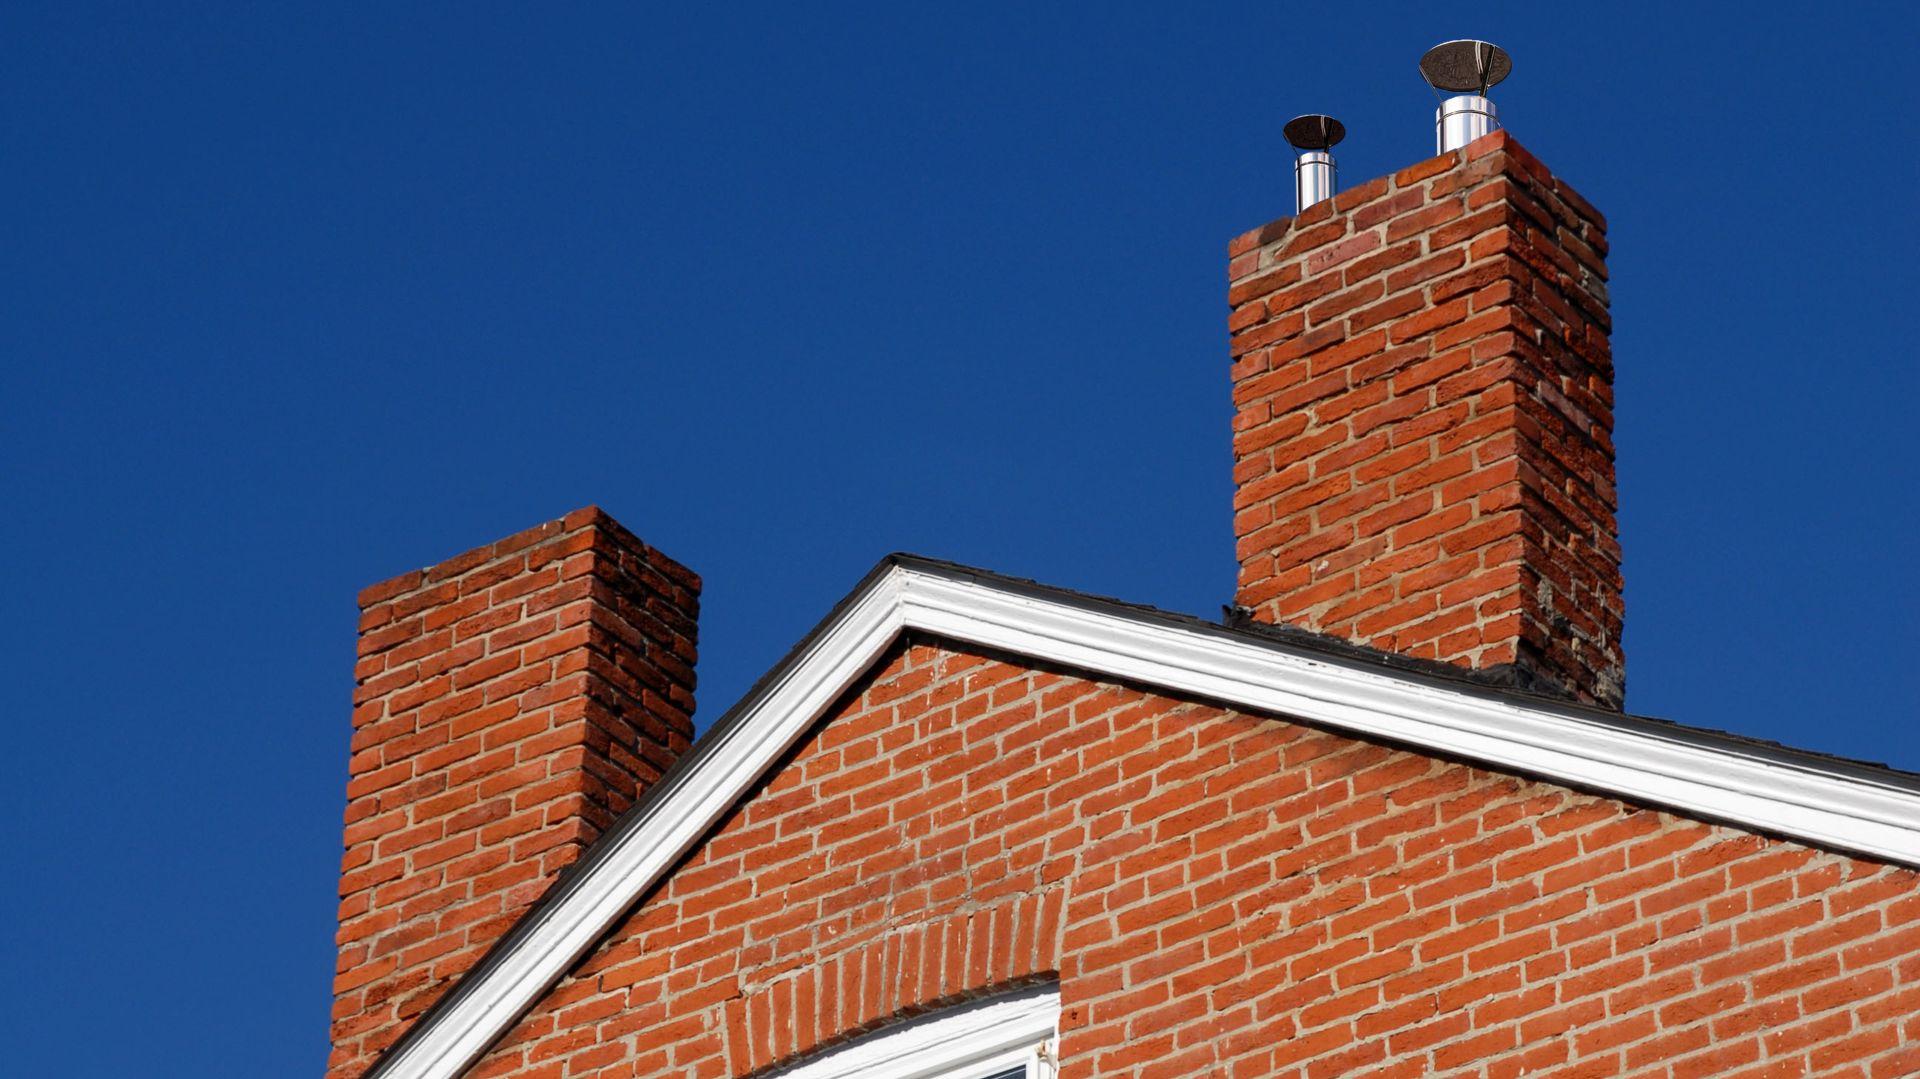 W myśl przepisów w budynkach usytuowanych w II i III strefie obciążenia wiatrem określonych Polskimi Normami, należy stosować na przewodach dymowych i spalinowych nasady kominowe zabezpieczające przed odwróceniem ciągu. Należy je stosować również na innych obszarach, jeżeli wymaga tego położenie budynków i lokalne warunki topograficzne. Fot. MK Systemy Kominowe